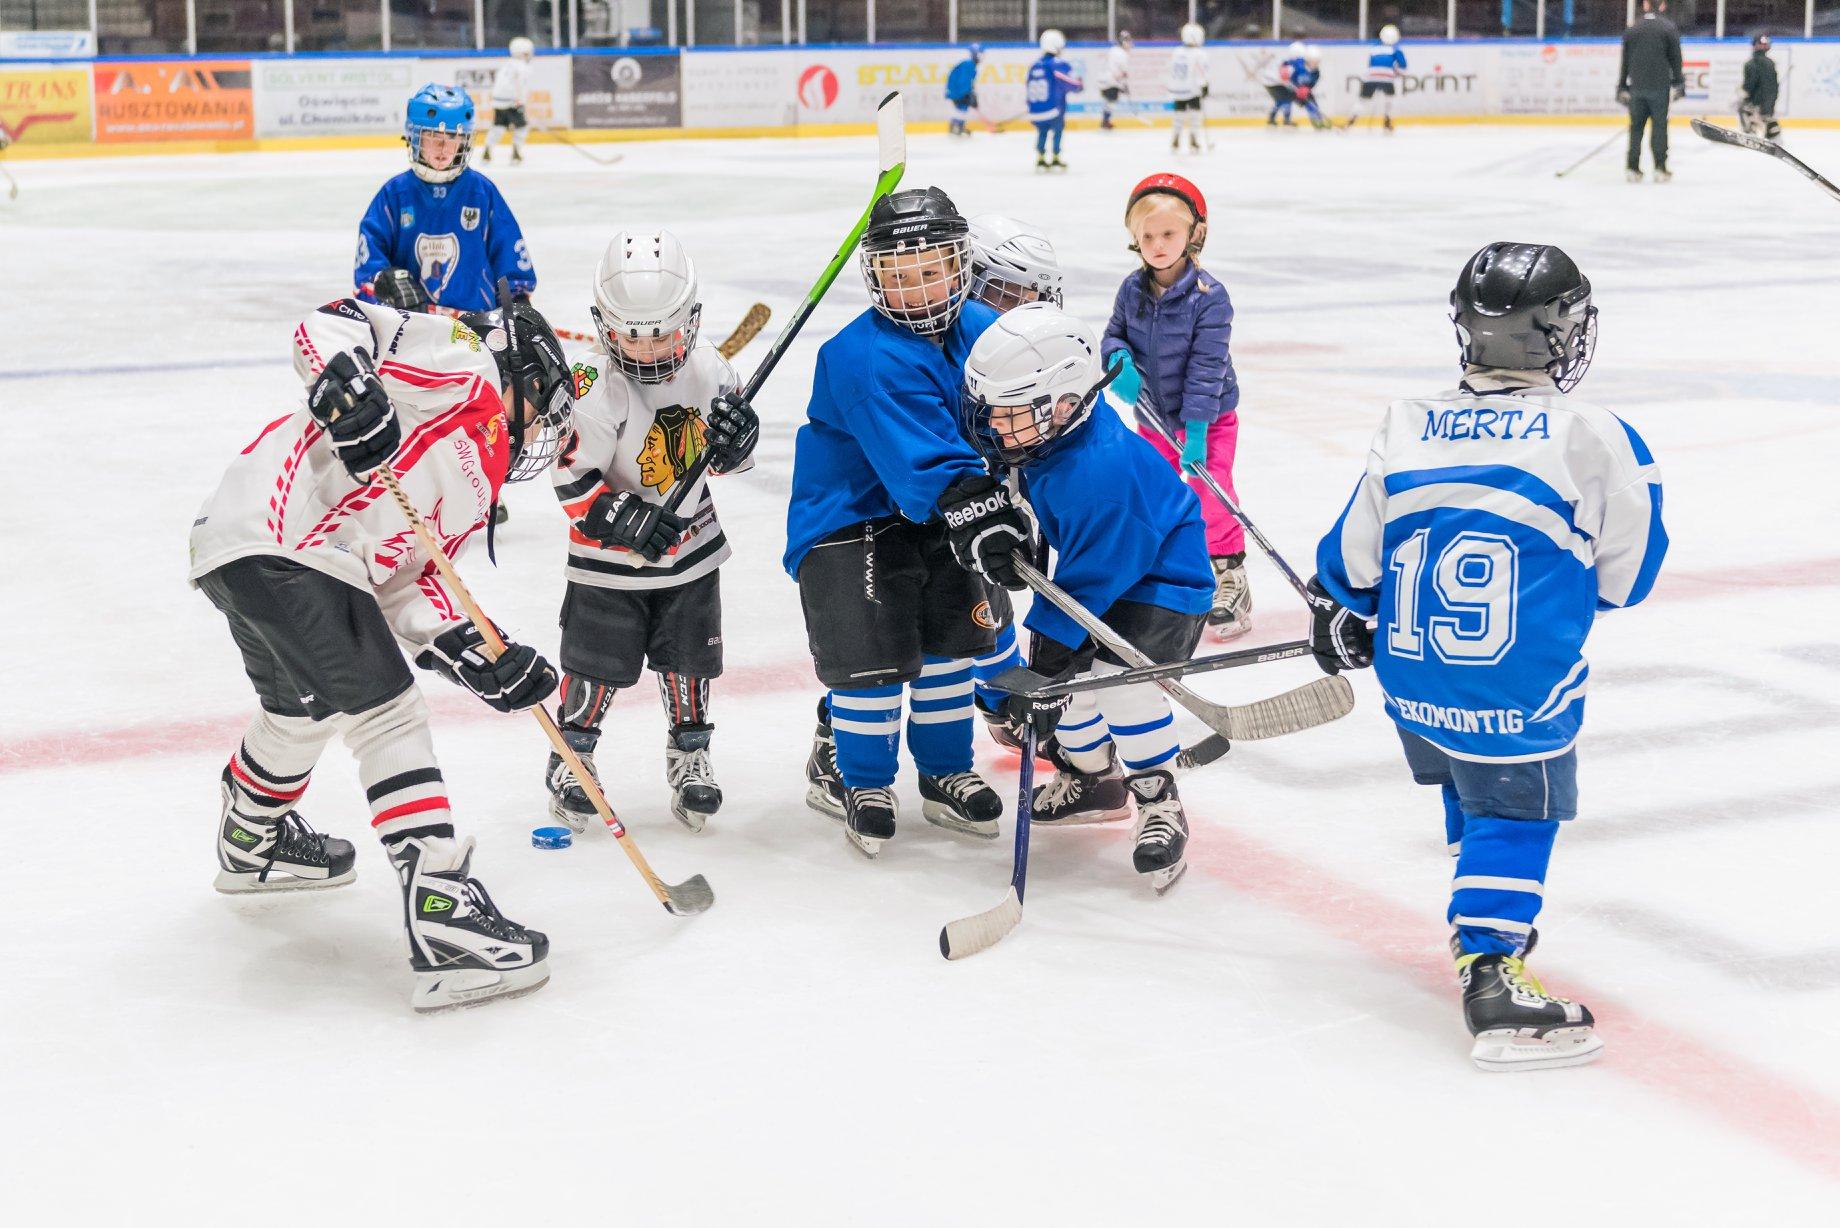 14 września ruszą zajęcia mini-hokeja organizowane przez Miejski Ośrodek Sportu i Rekreacji oraz UKH Unię Oświęcim. Fot. nadesłane/zbiory UKH Unii